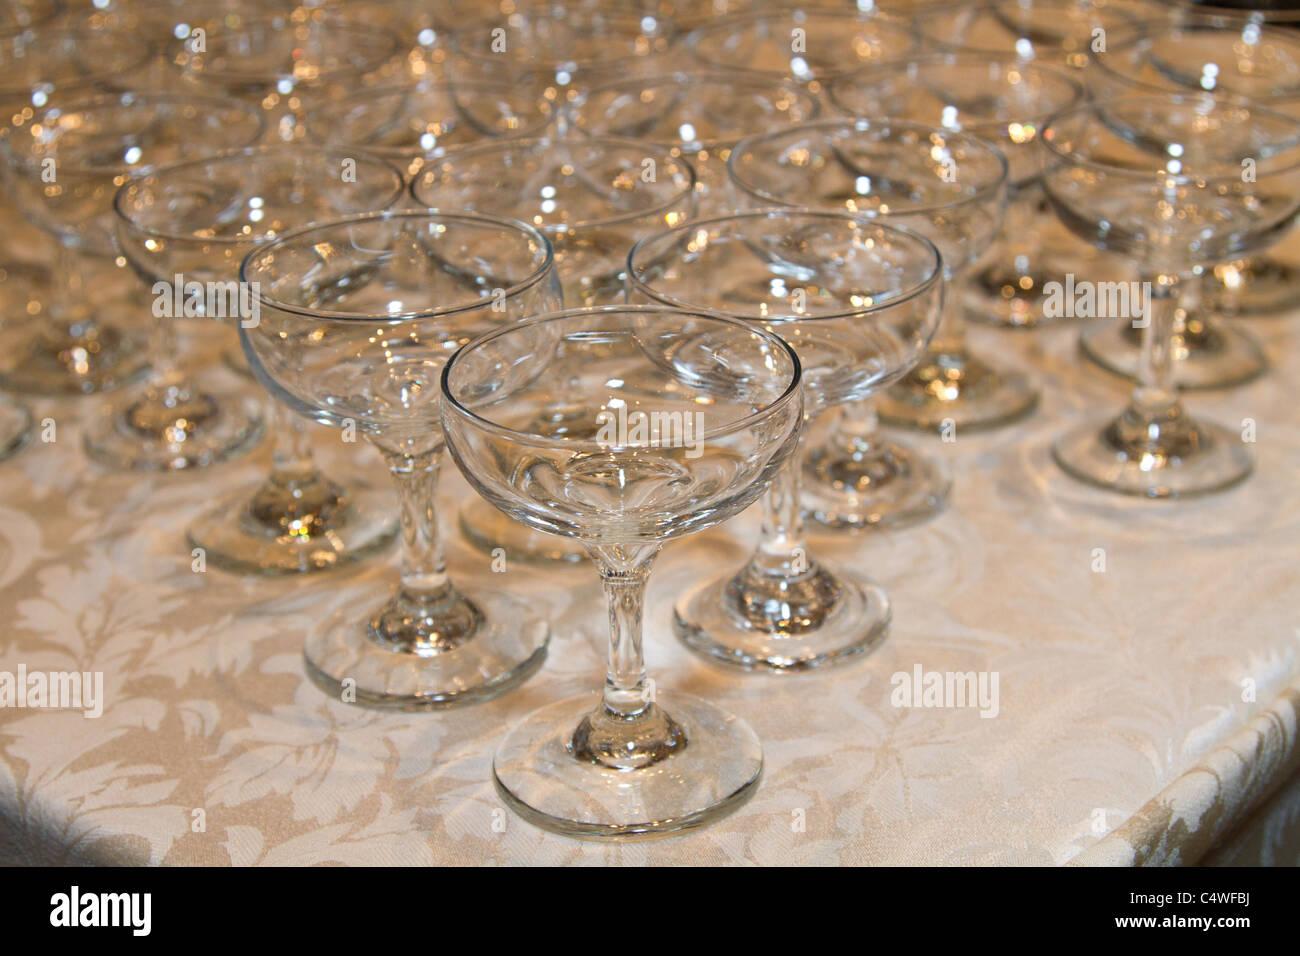 weiße Tischdecke leere Gläser Wein Stockbild